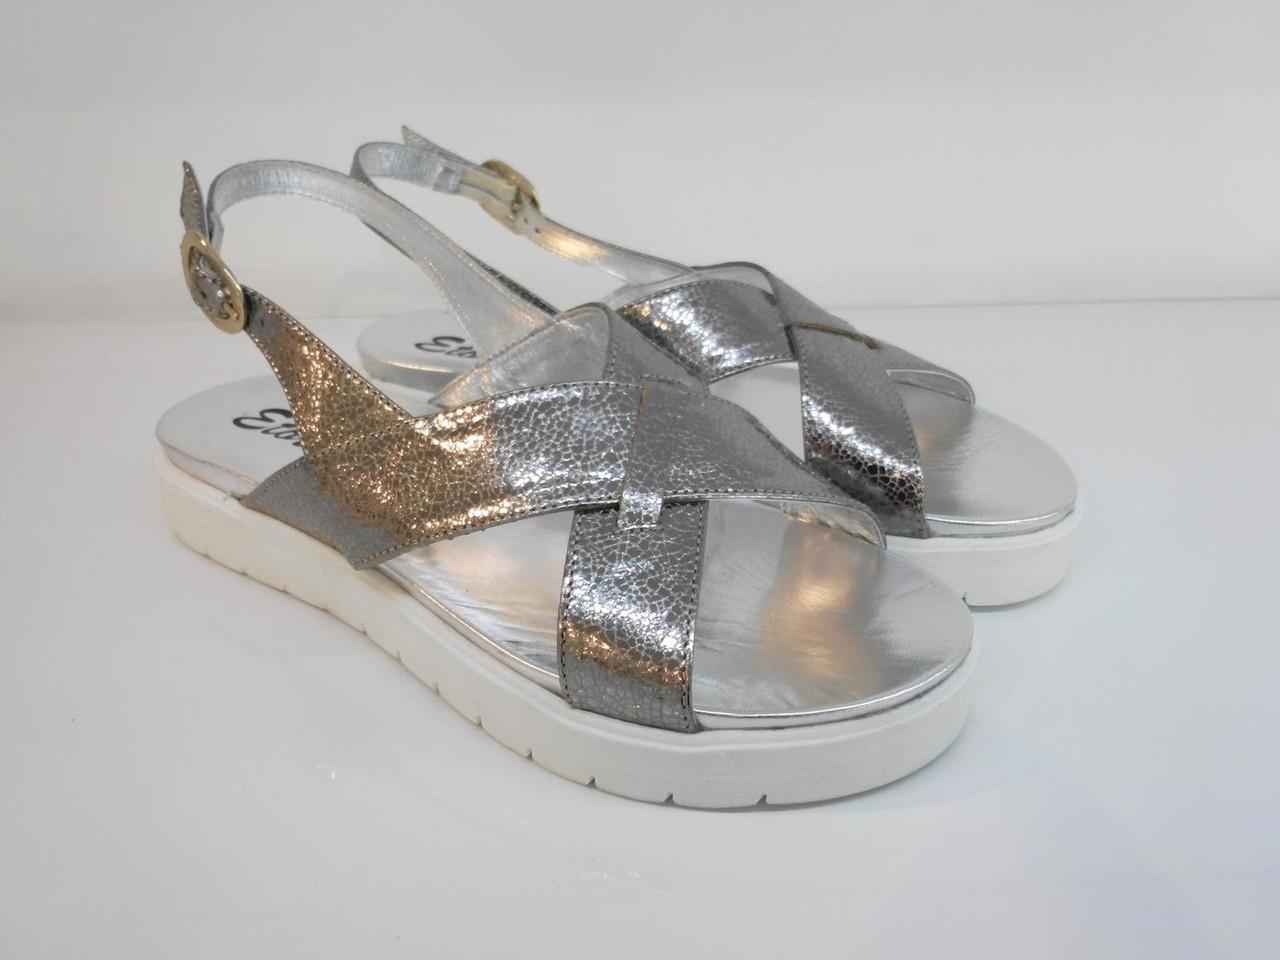 Босоніжки Etor 5358-56153-2 36 сріблясті